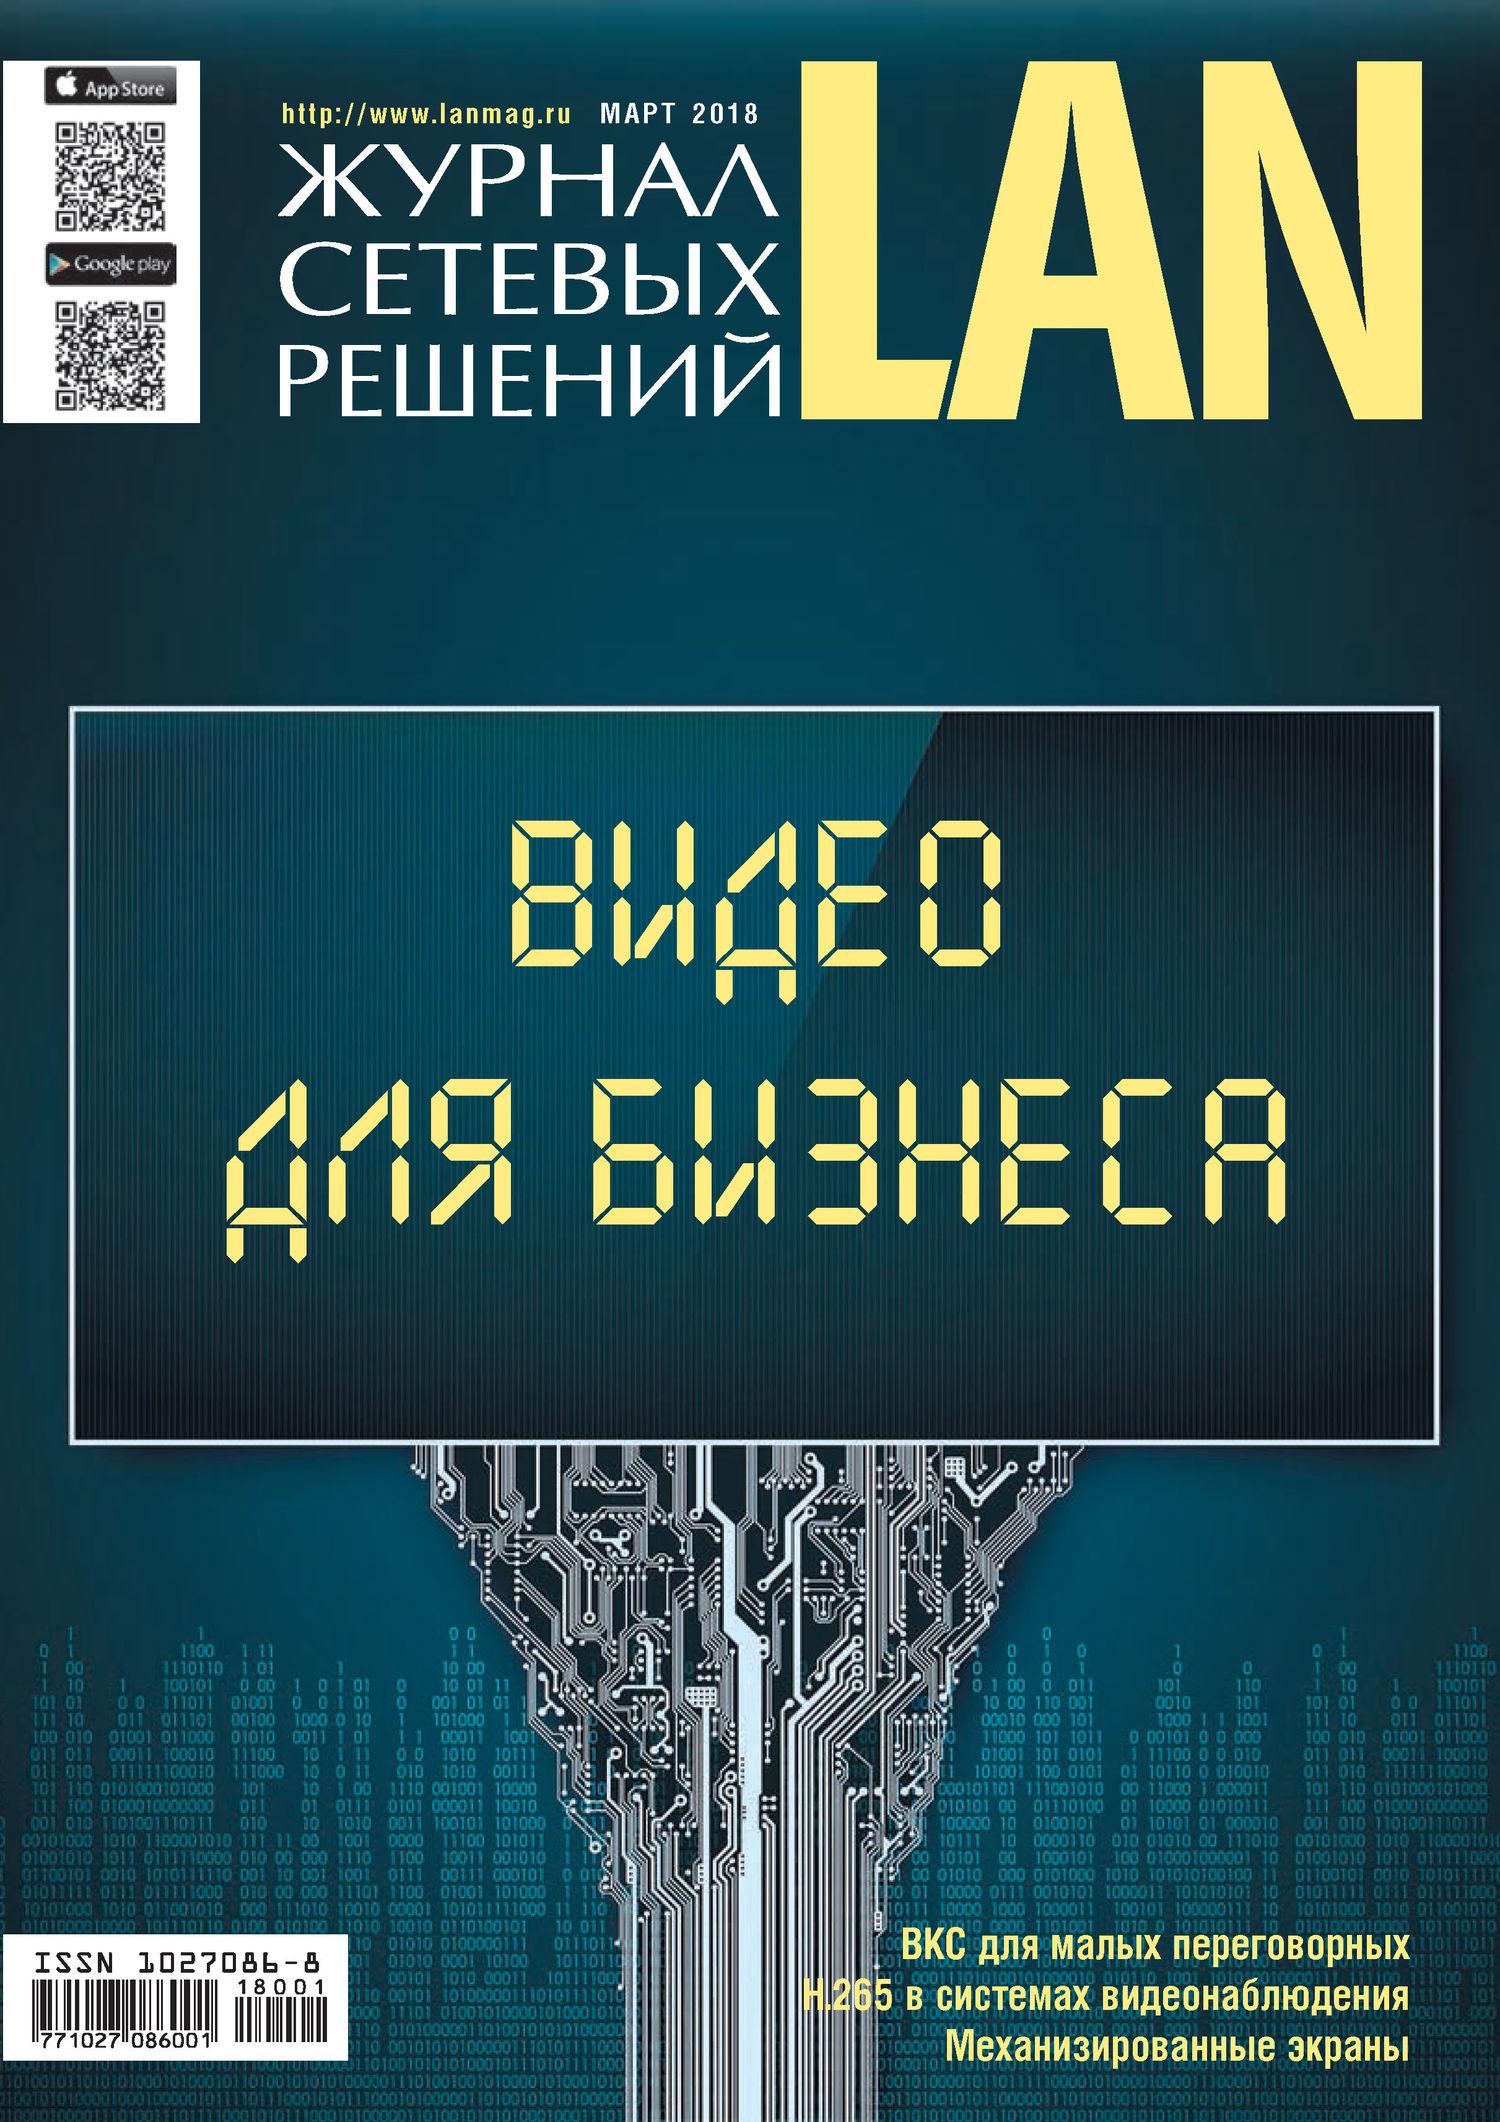 Открытые системы Журнал сетевых решений / LAN №01/2018 открытые системы журнал сетевых решений lan 06 2016